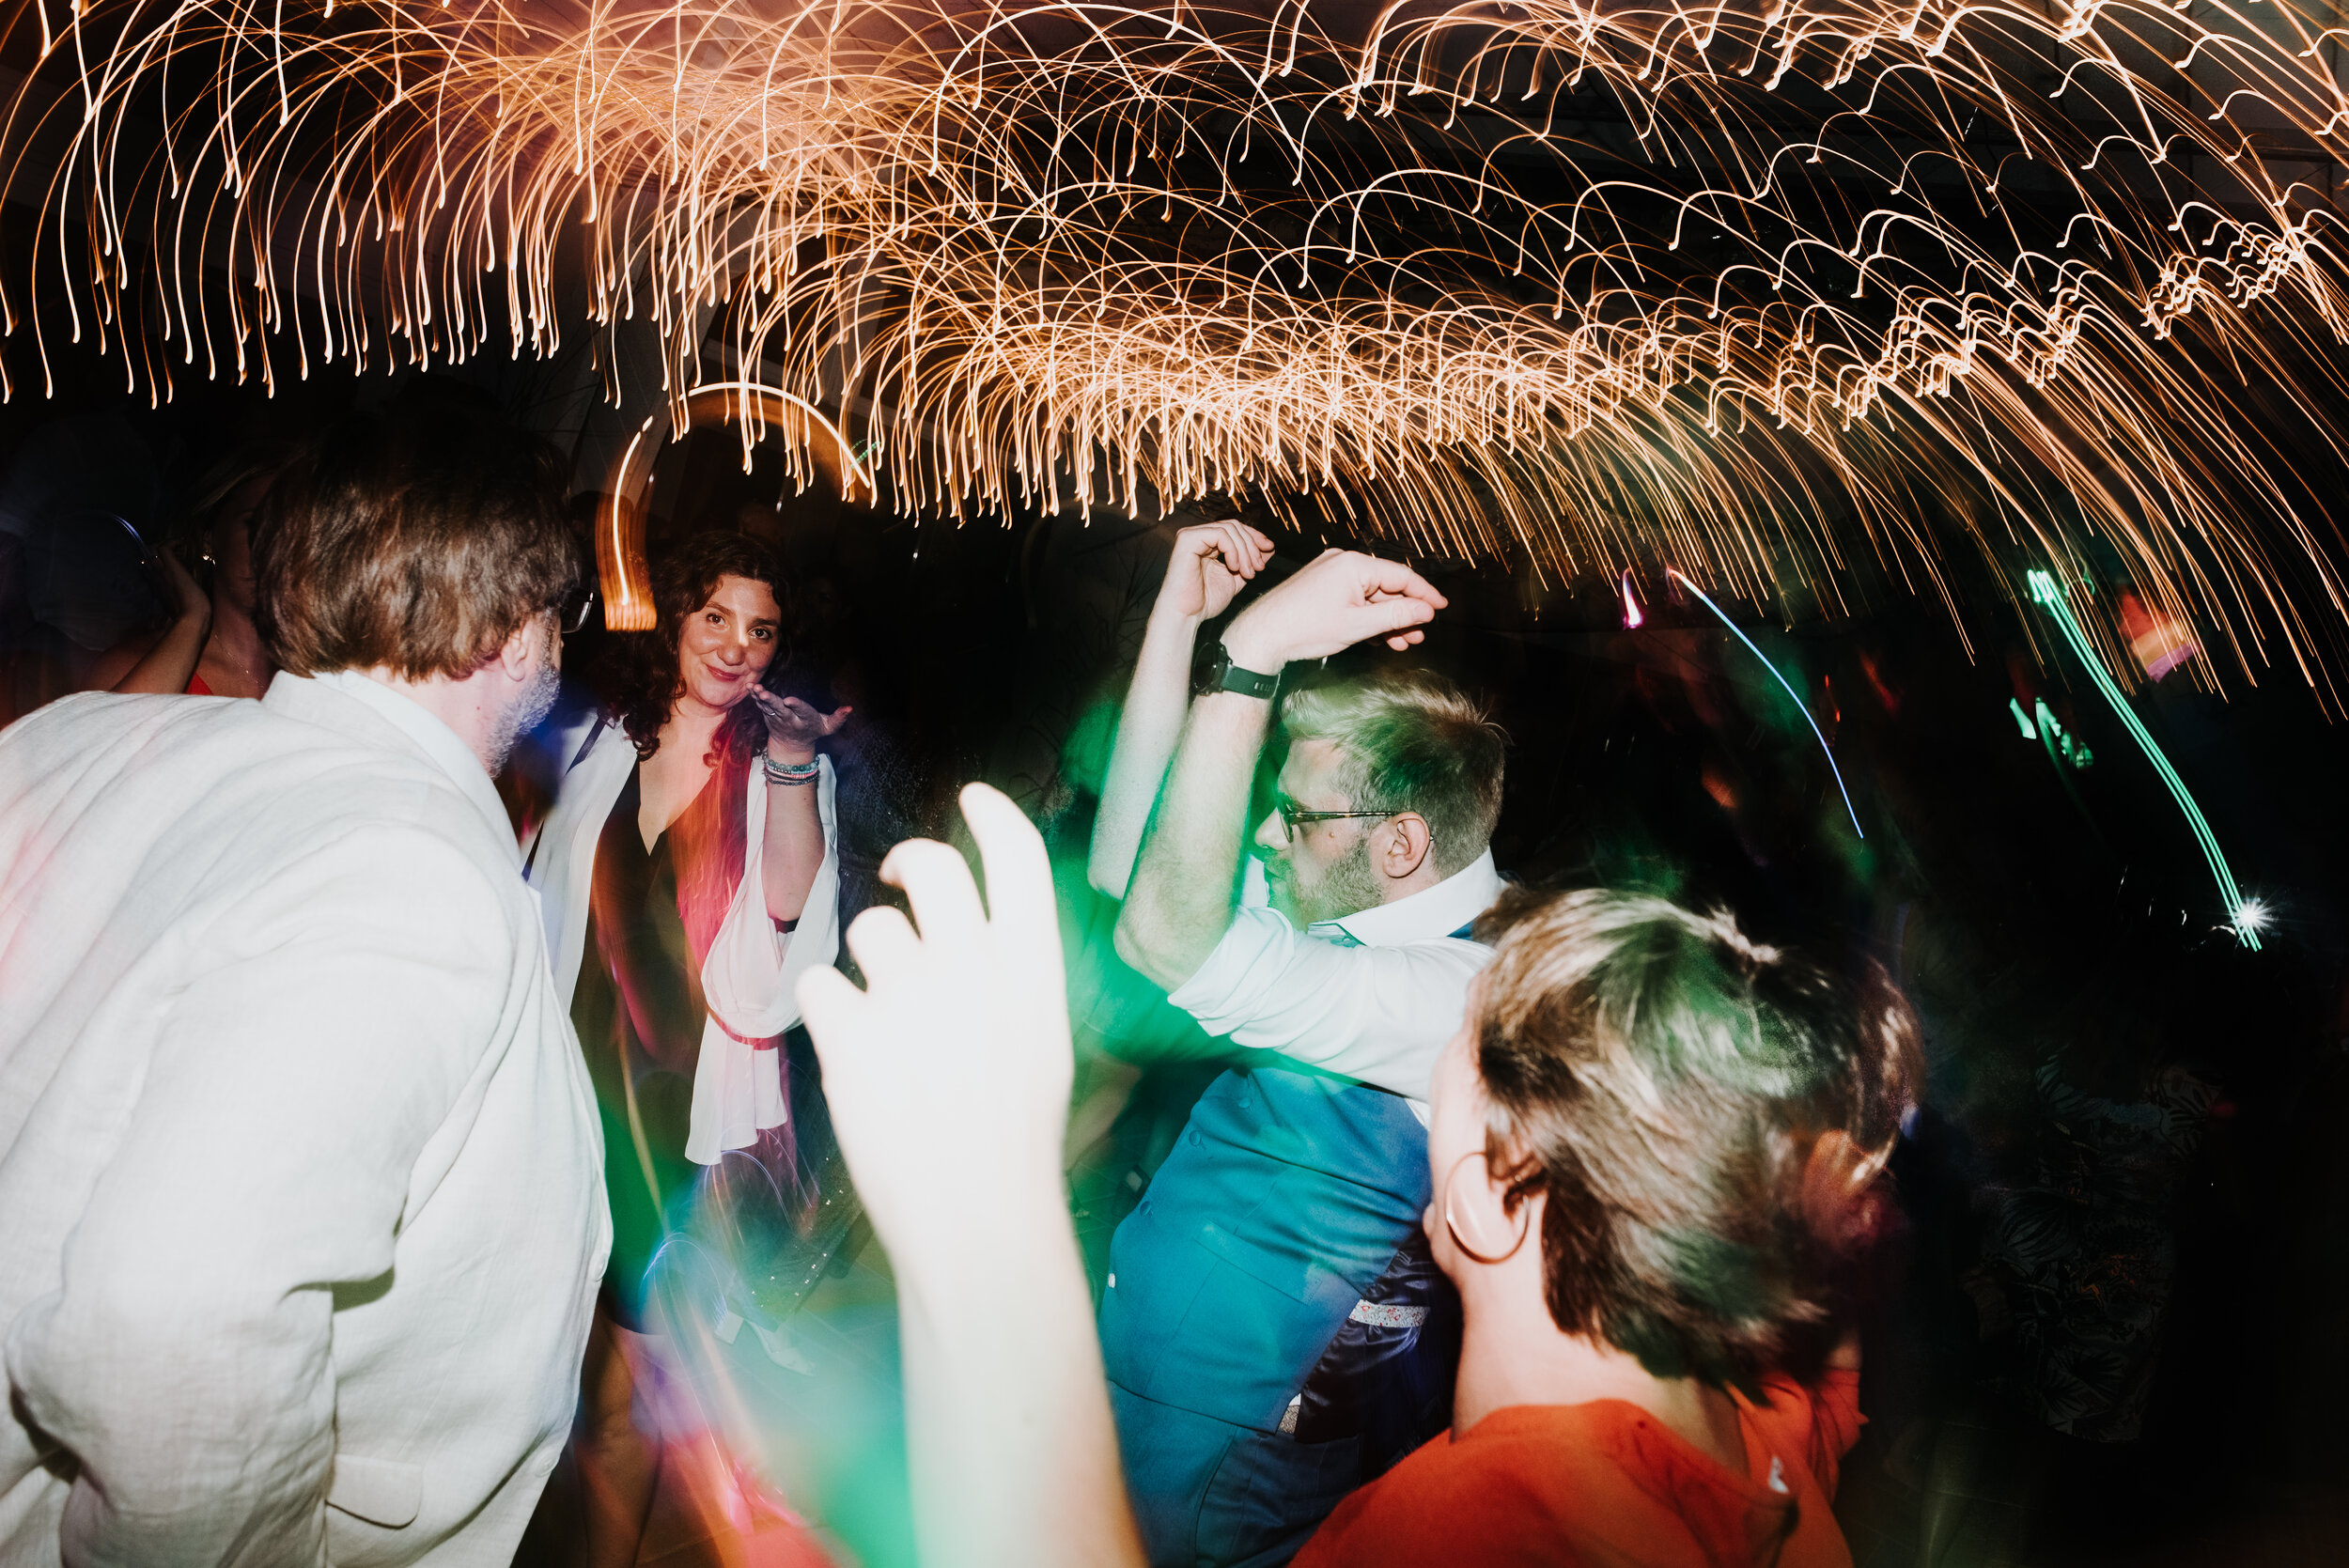 Léa-Fery-photographe-professionnel-Bretagne-portrait-creation-mariage-evenement-evenementiel-famille-9958.jpg